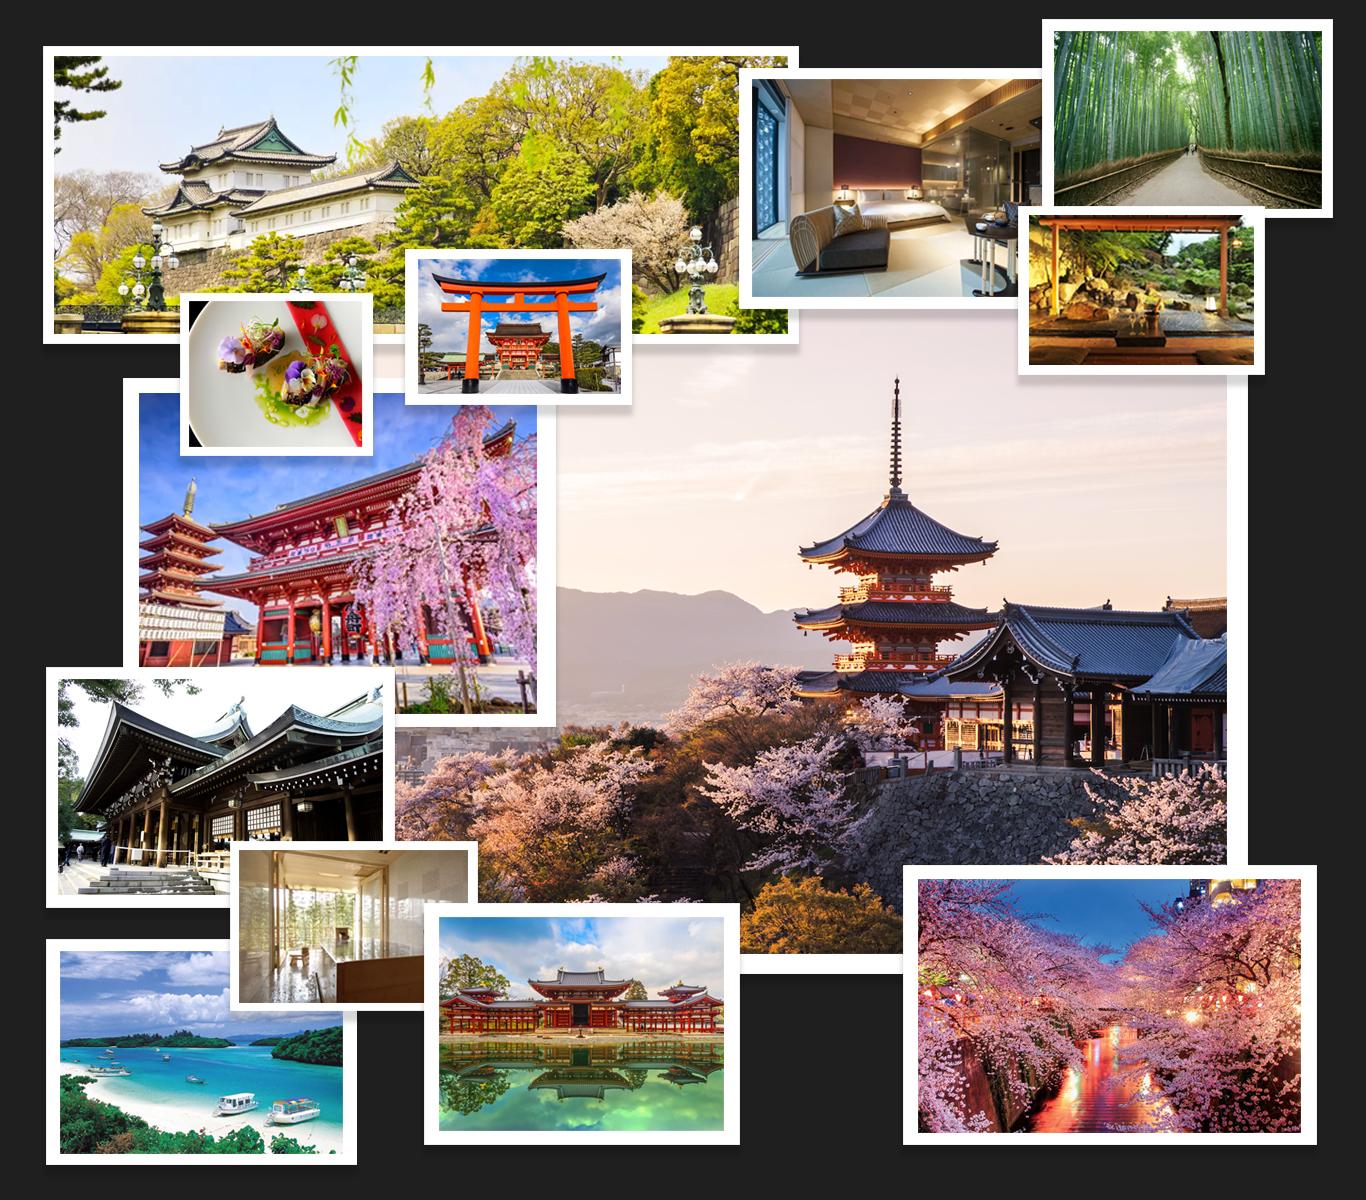 creations-luxury-travel-japan-concierge.jpg